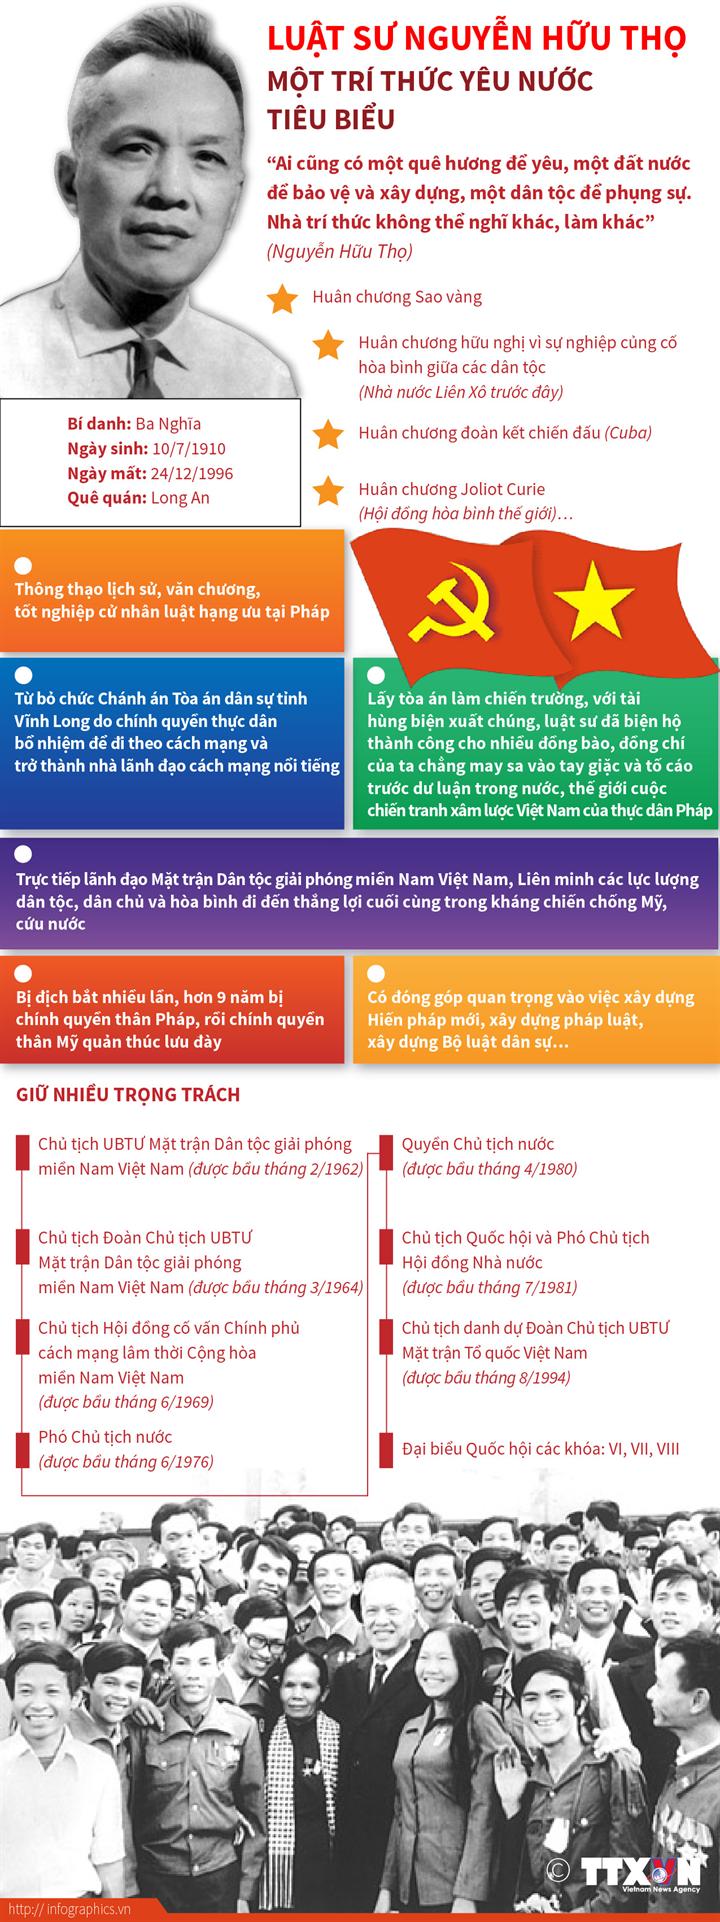 Luật sư Nguyễn Hữu Thọ: Một trí thức yêu nước tiêu biểu